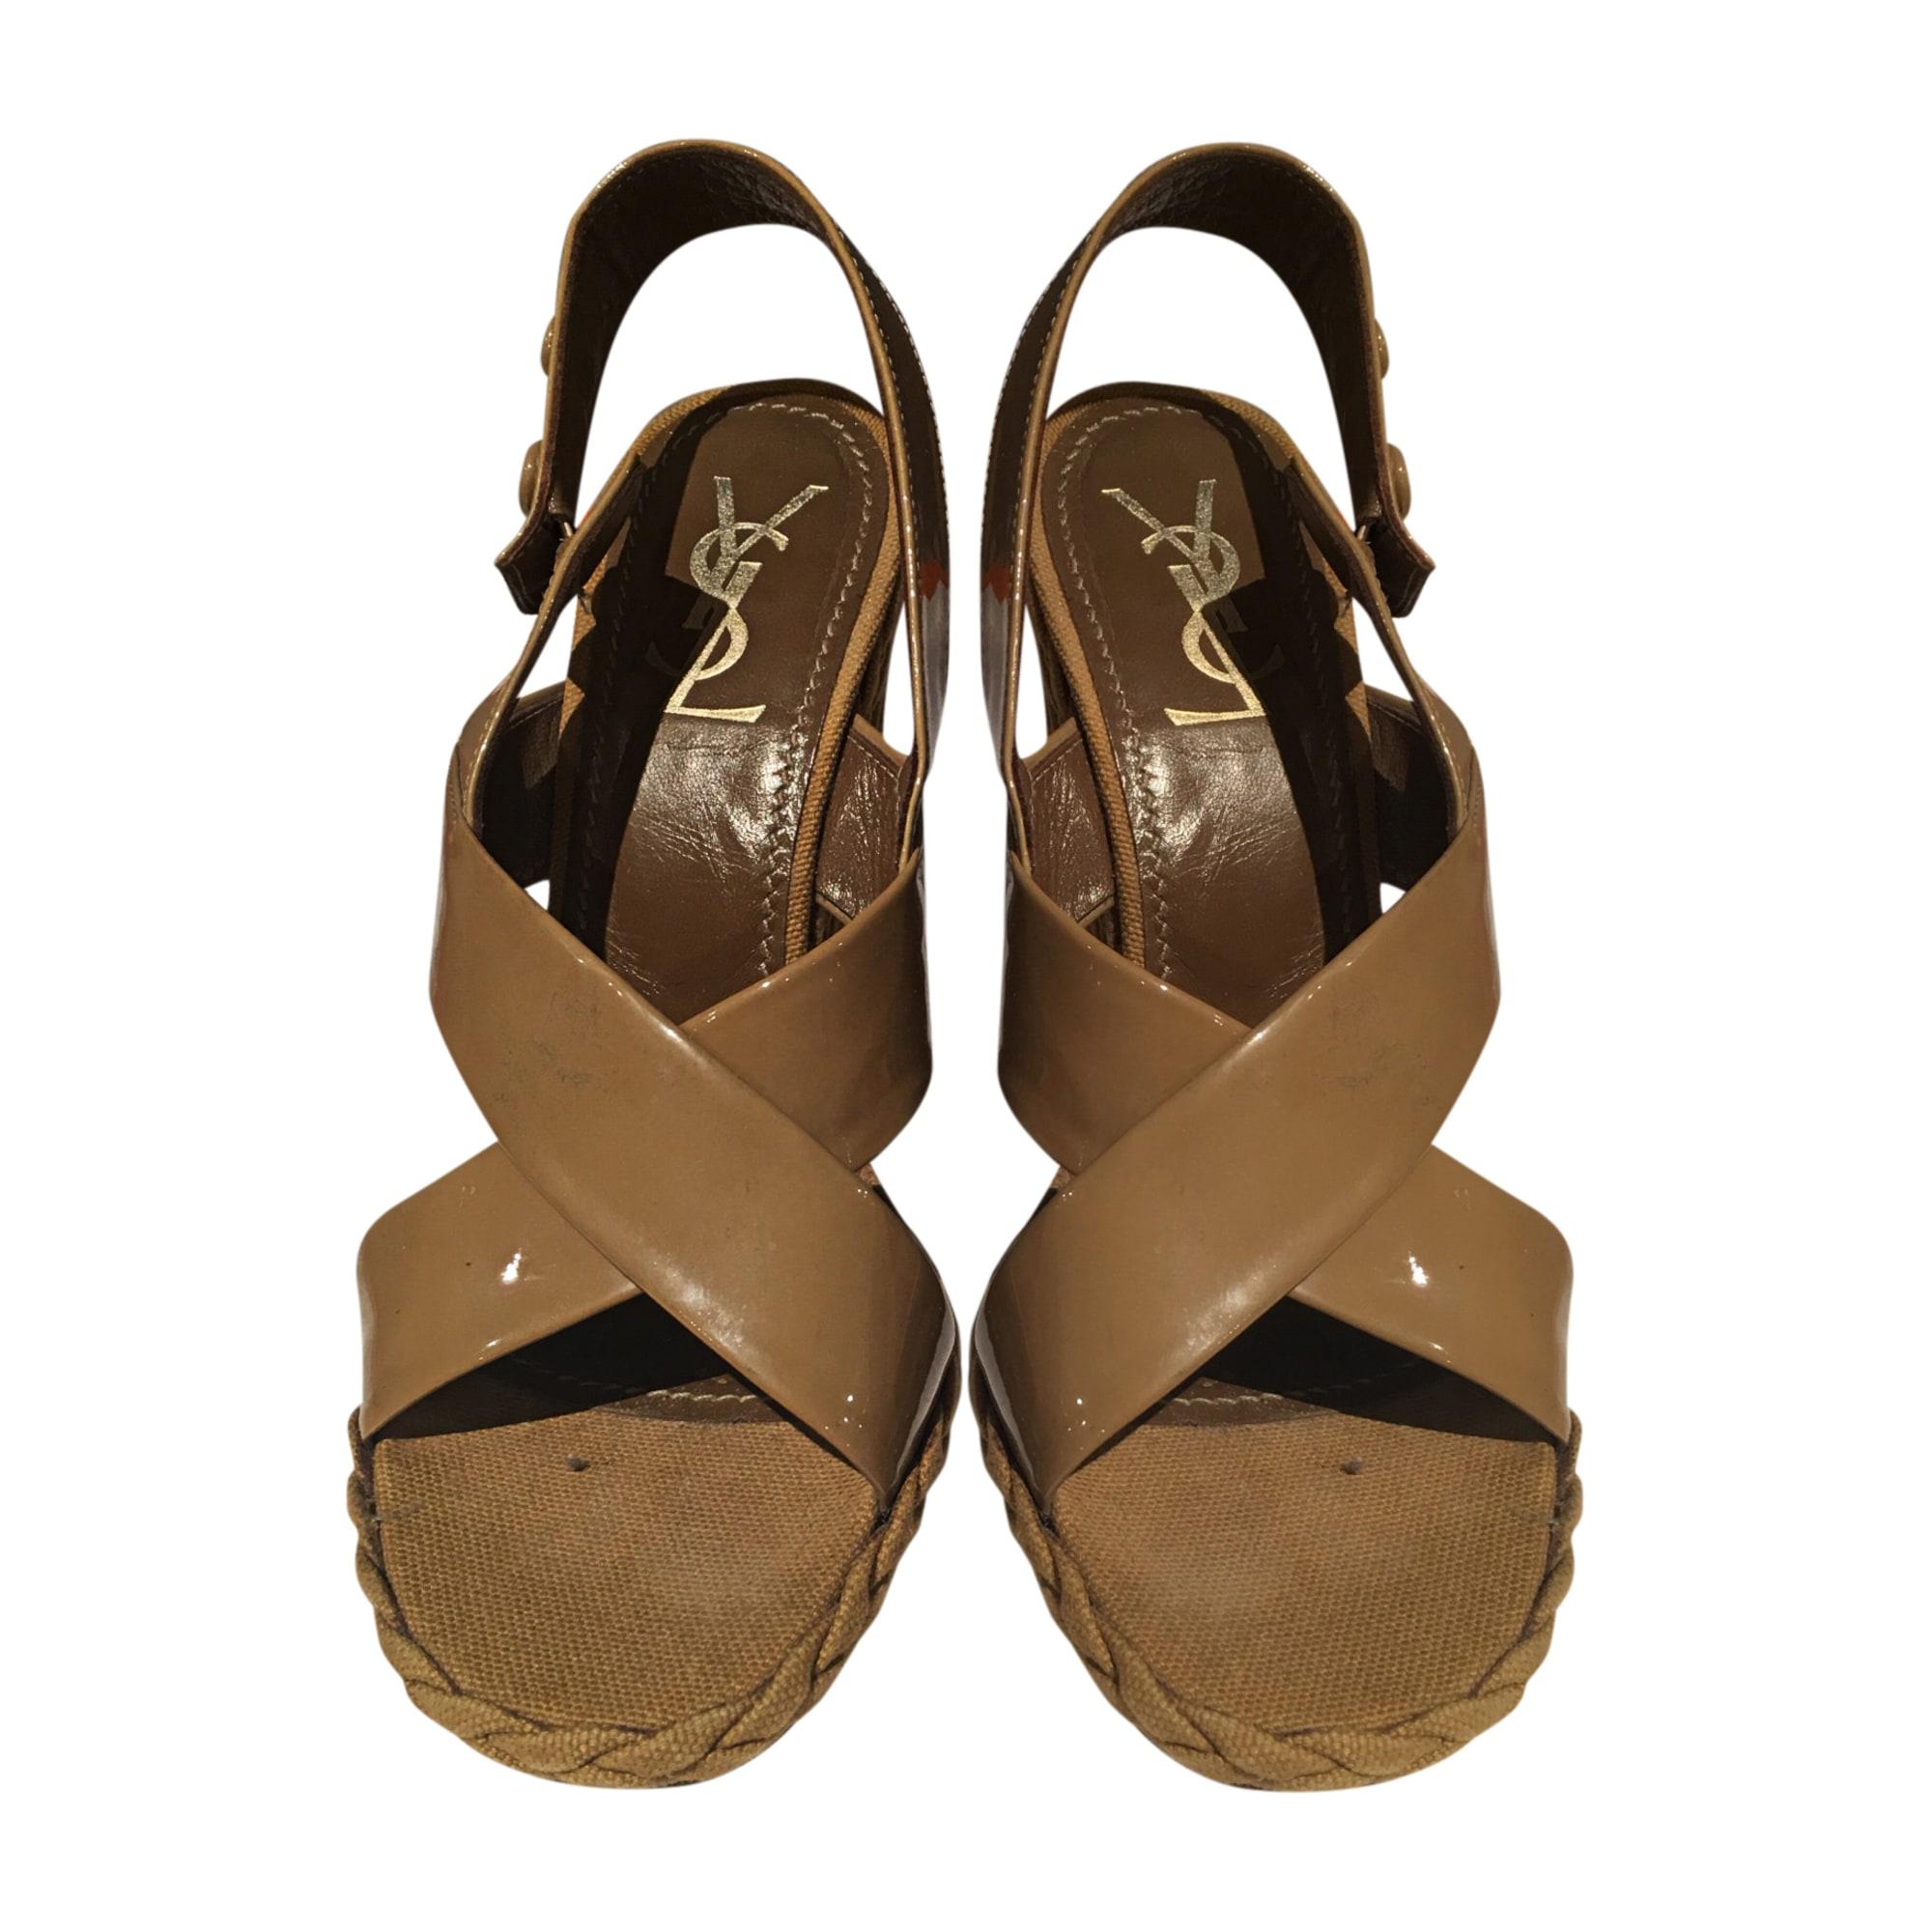 Sandales compensées SAINT LAURENT Beige, camel